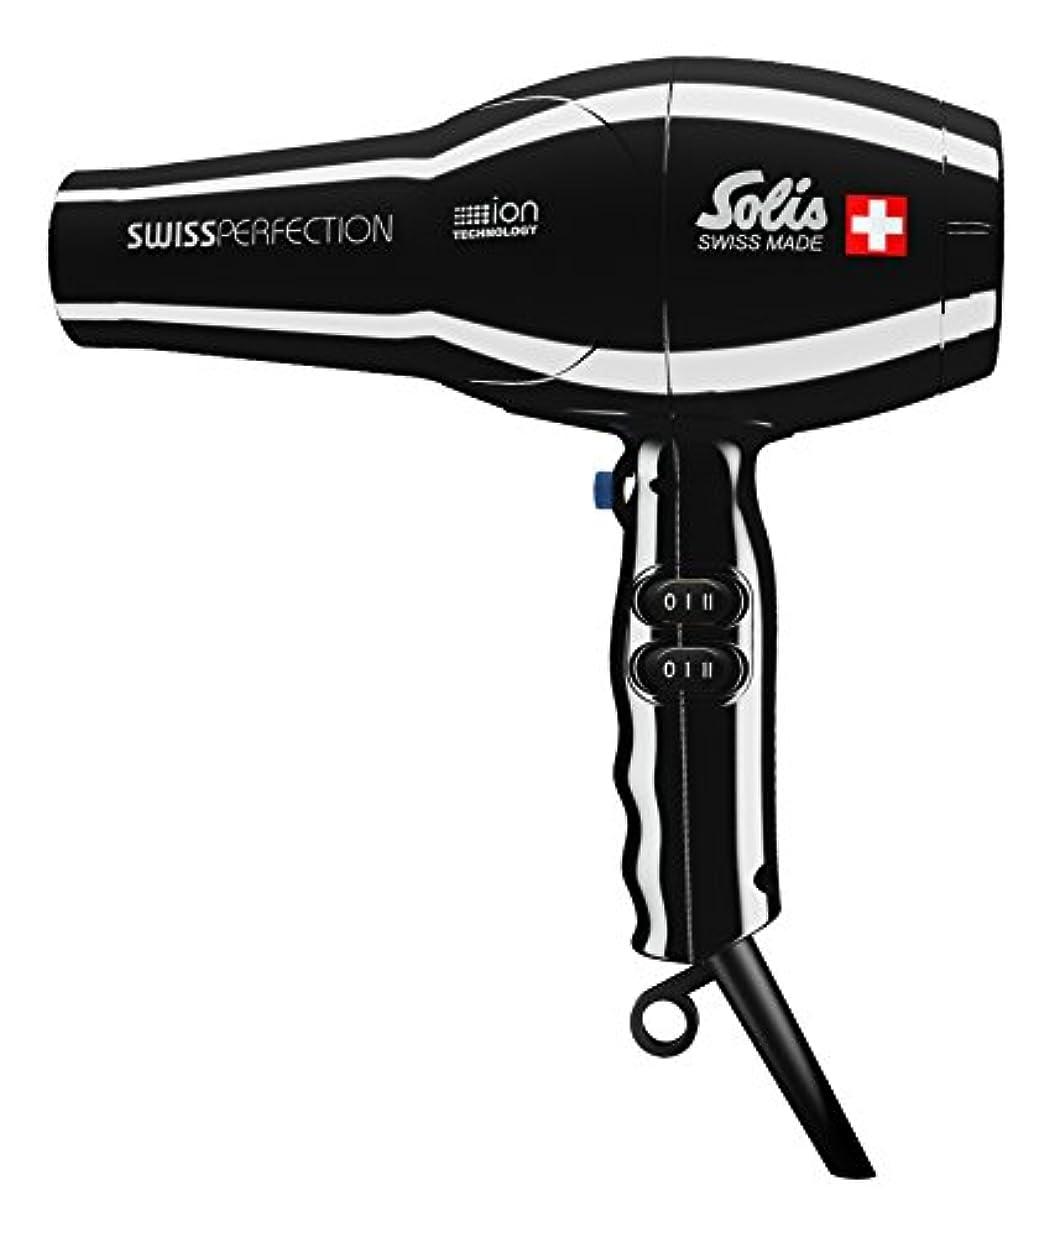 路地寂しいタールソリスプロフェッショナル仕様ドライヤー、温風温度77℃で髪にやさしい、イオンテクノロジー、スイスパーフェクション (SD440B)、黒